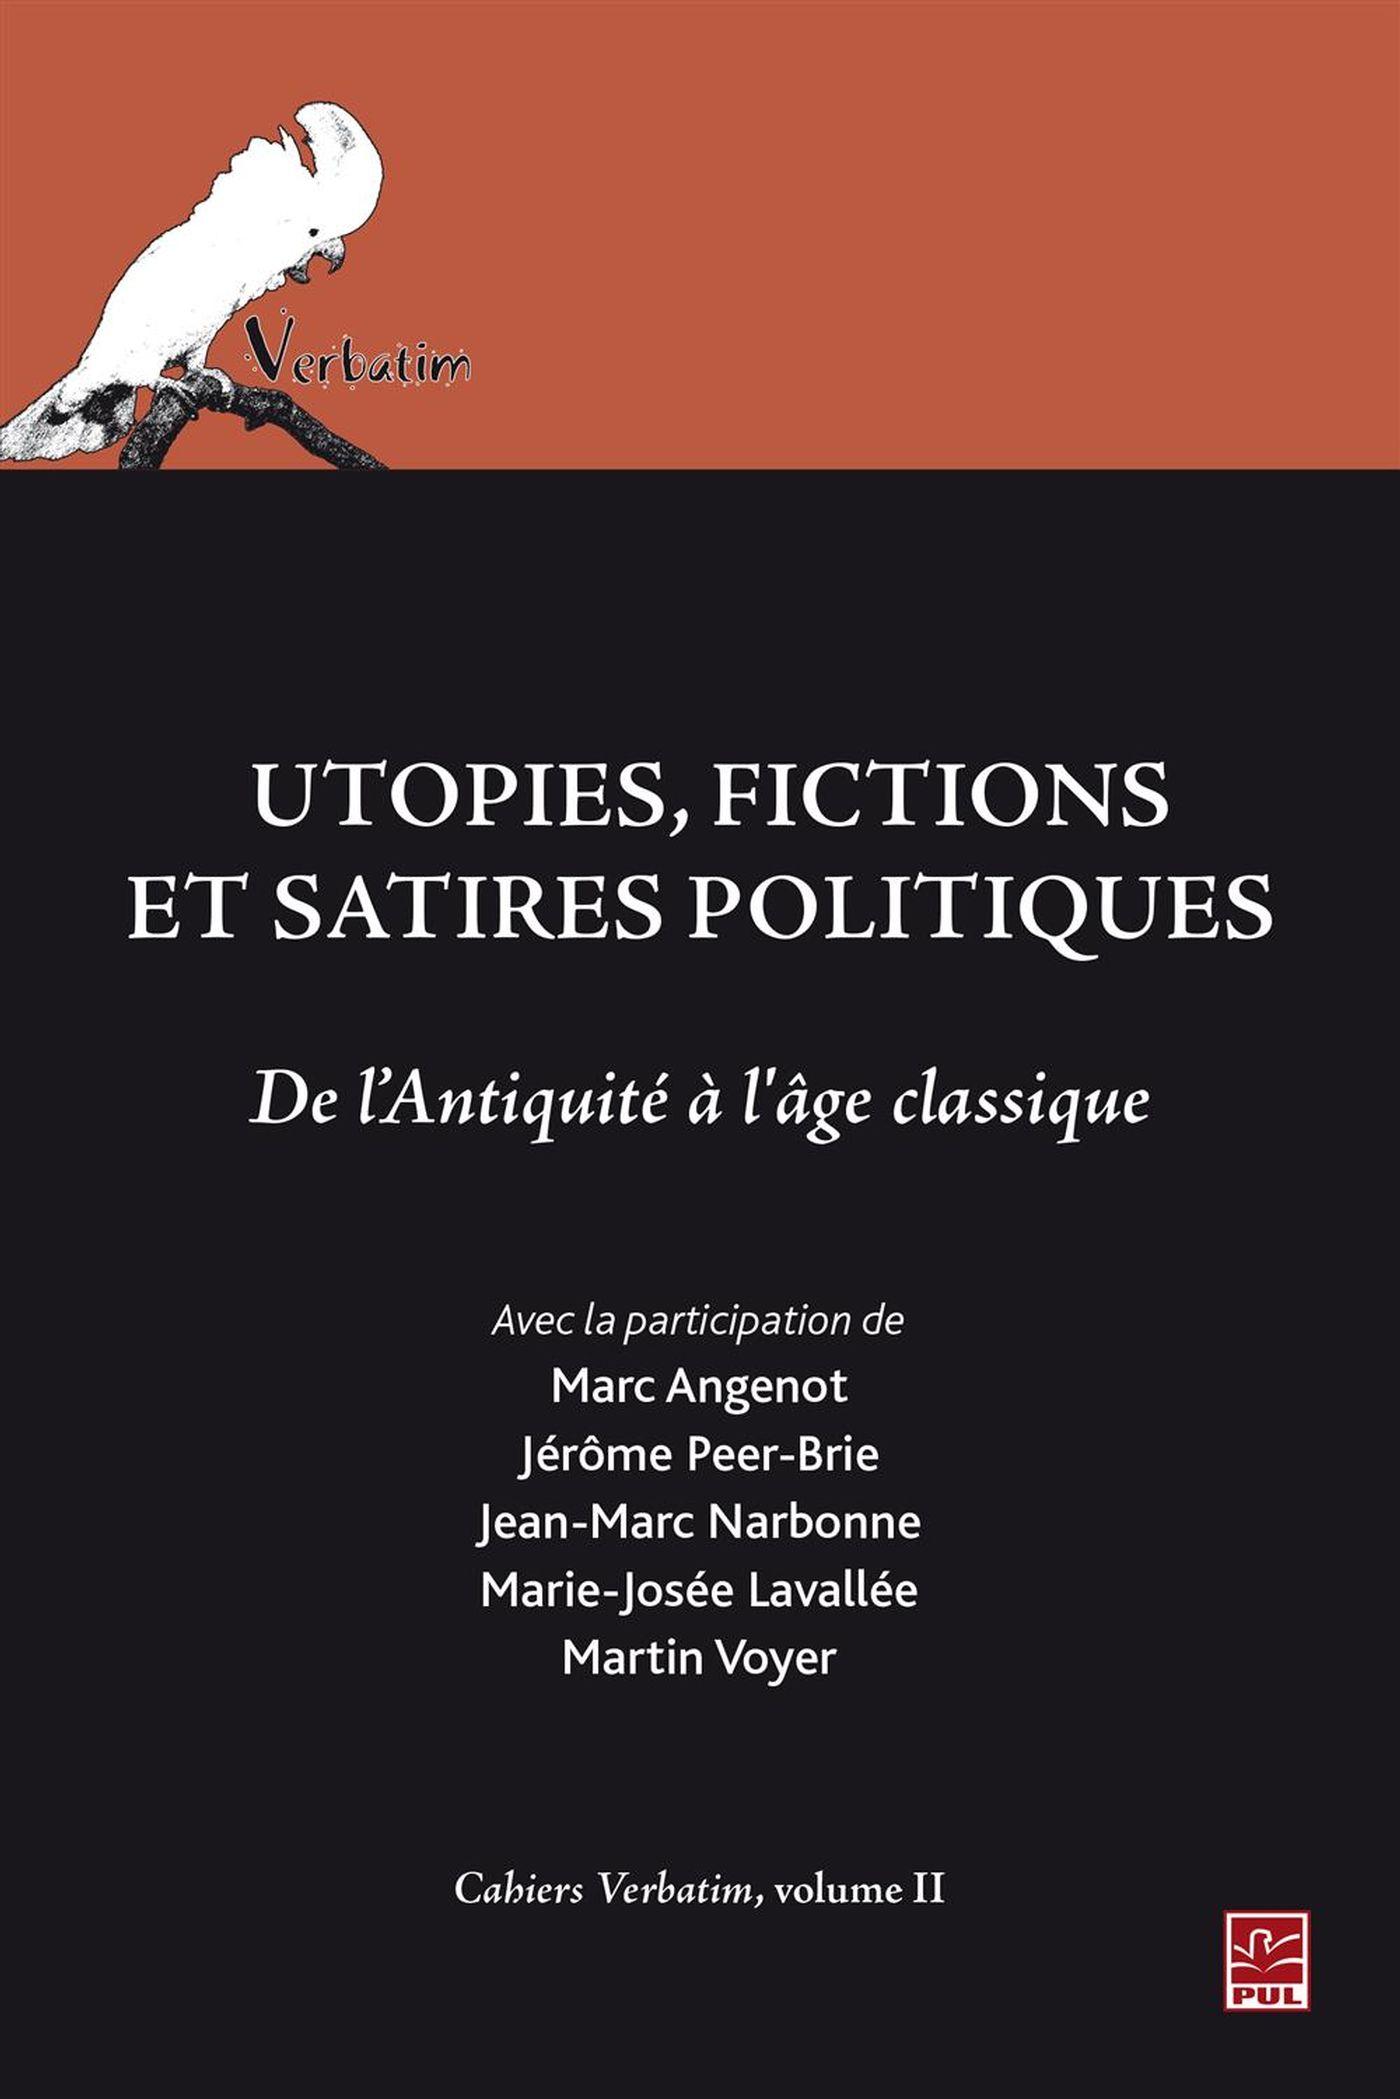 Utopies, fictions et satires politiques